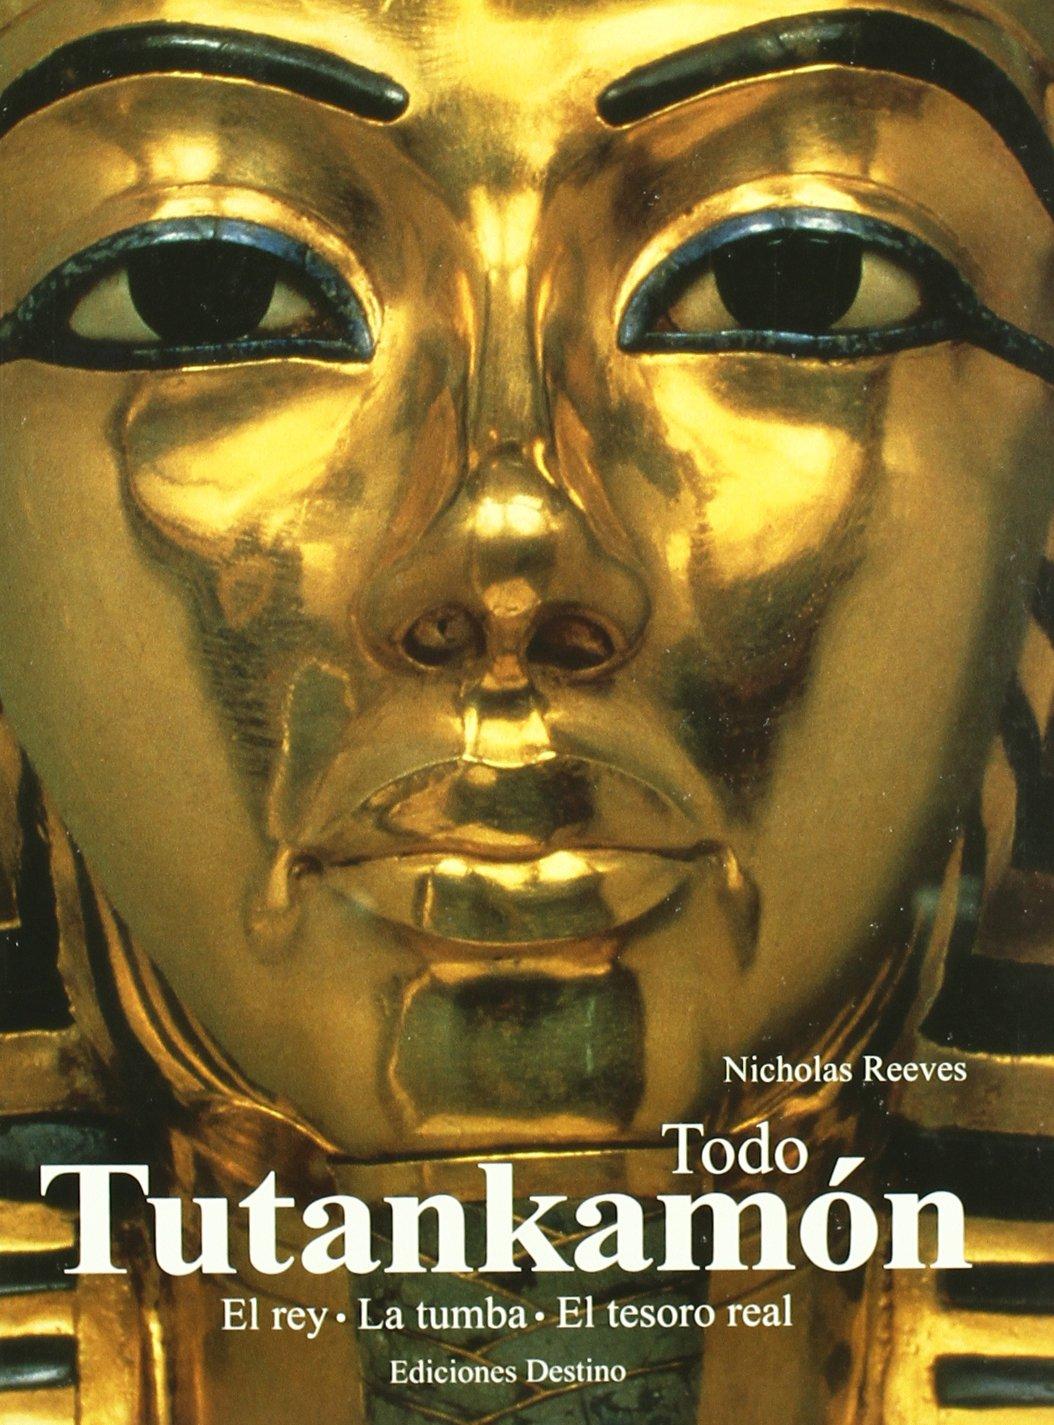 Todo Tutankhamón: Amazon.es: Reeves, Nicholas: Libros